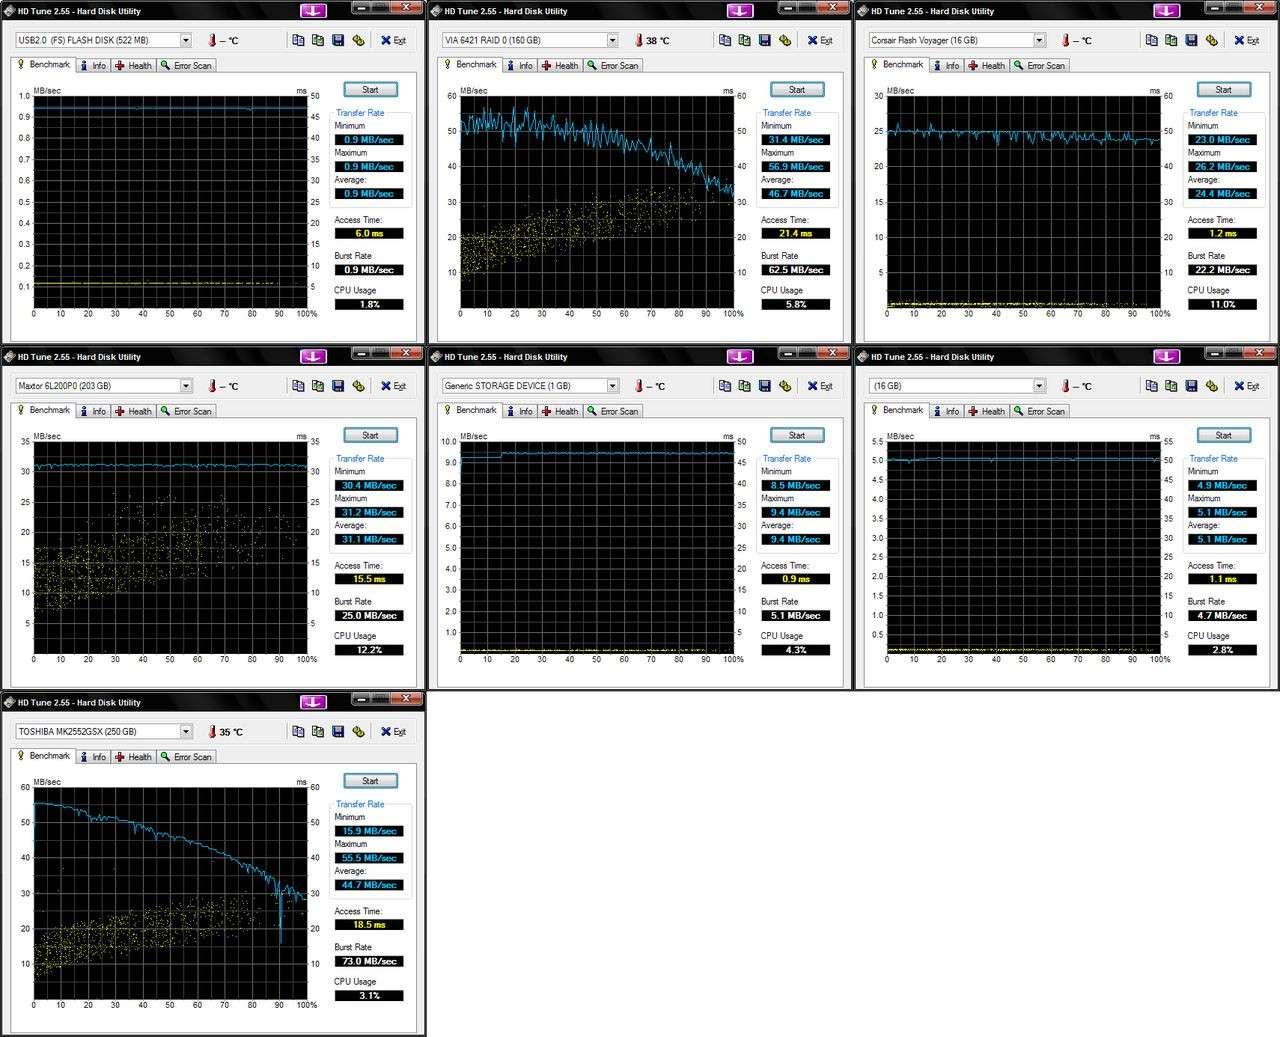 http://i86.servimg.com/u/f86/11/96/02/87/hd_tun10.jpg